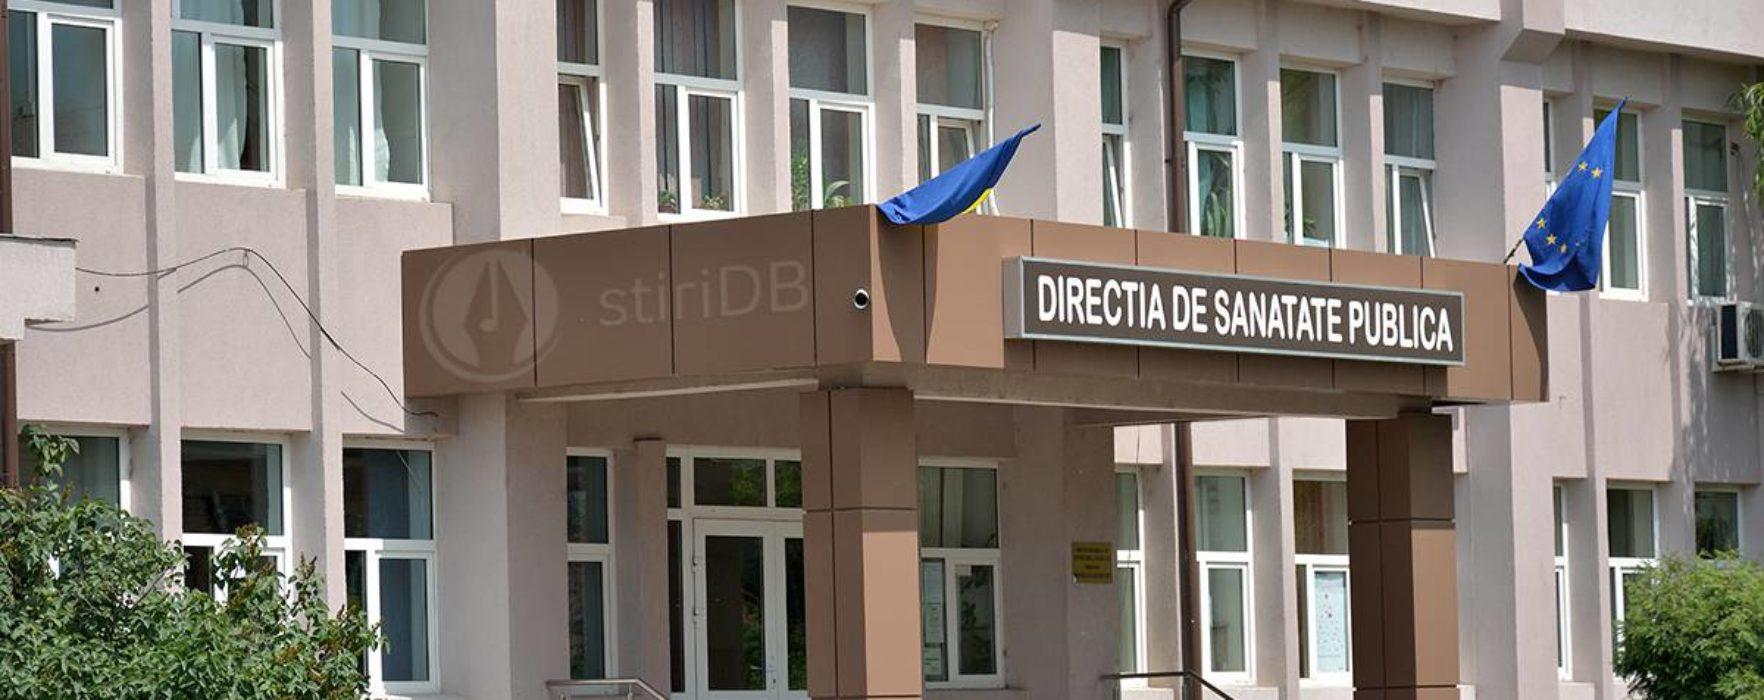 Dâmboviţa: Şase persoane care nu au respectat măsura autoizolării, amendate de DSP